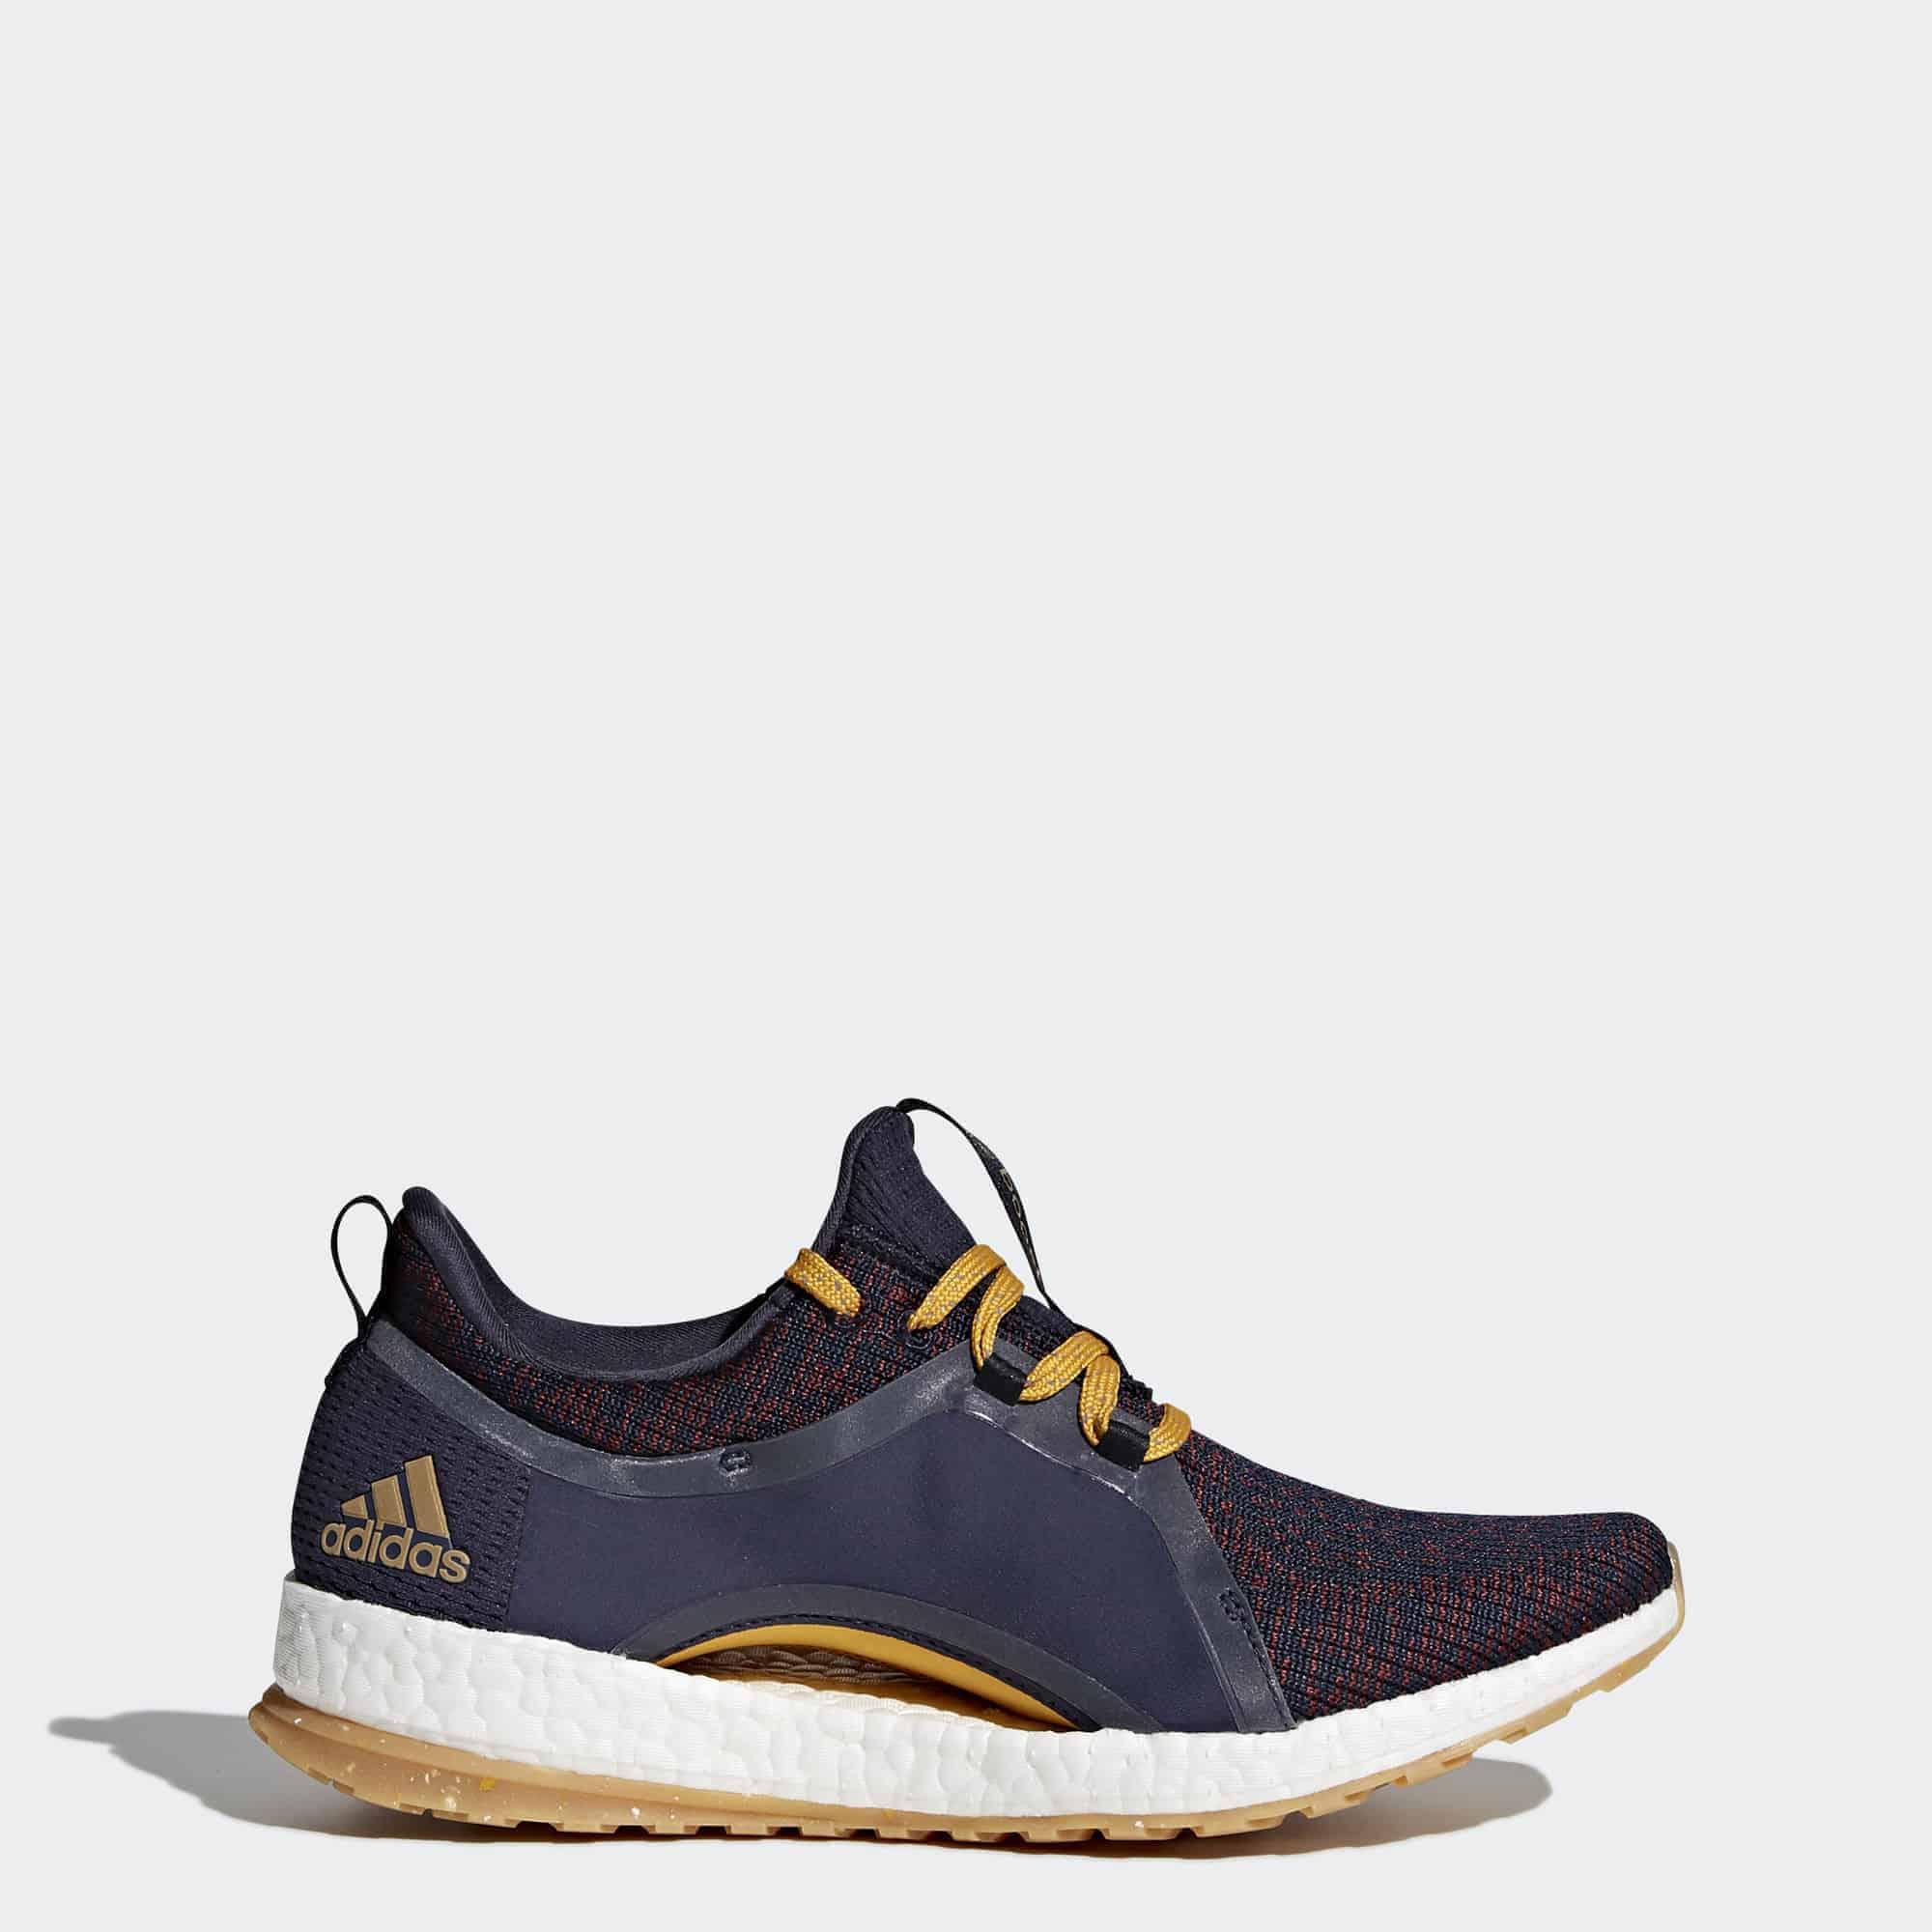 Кроссовки для бега Adidas PureBOOST X ATR женские